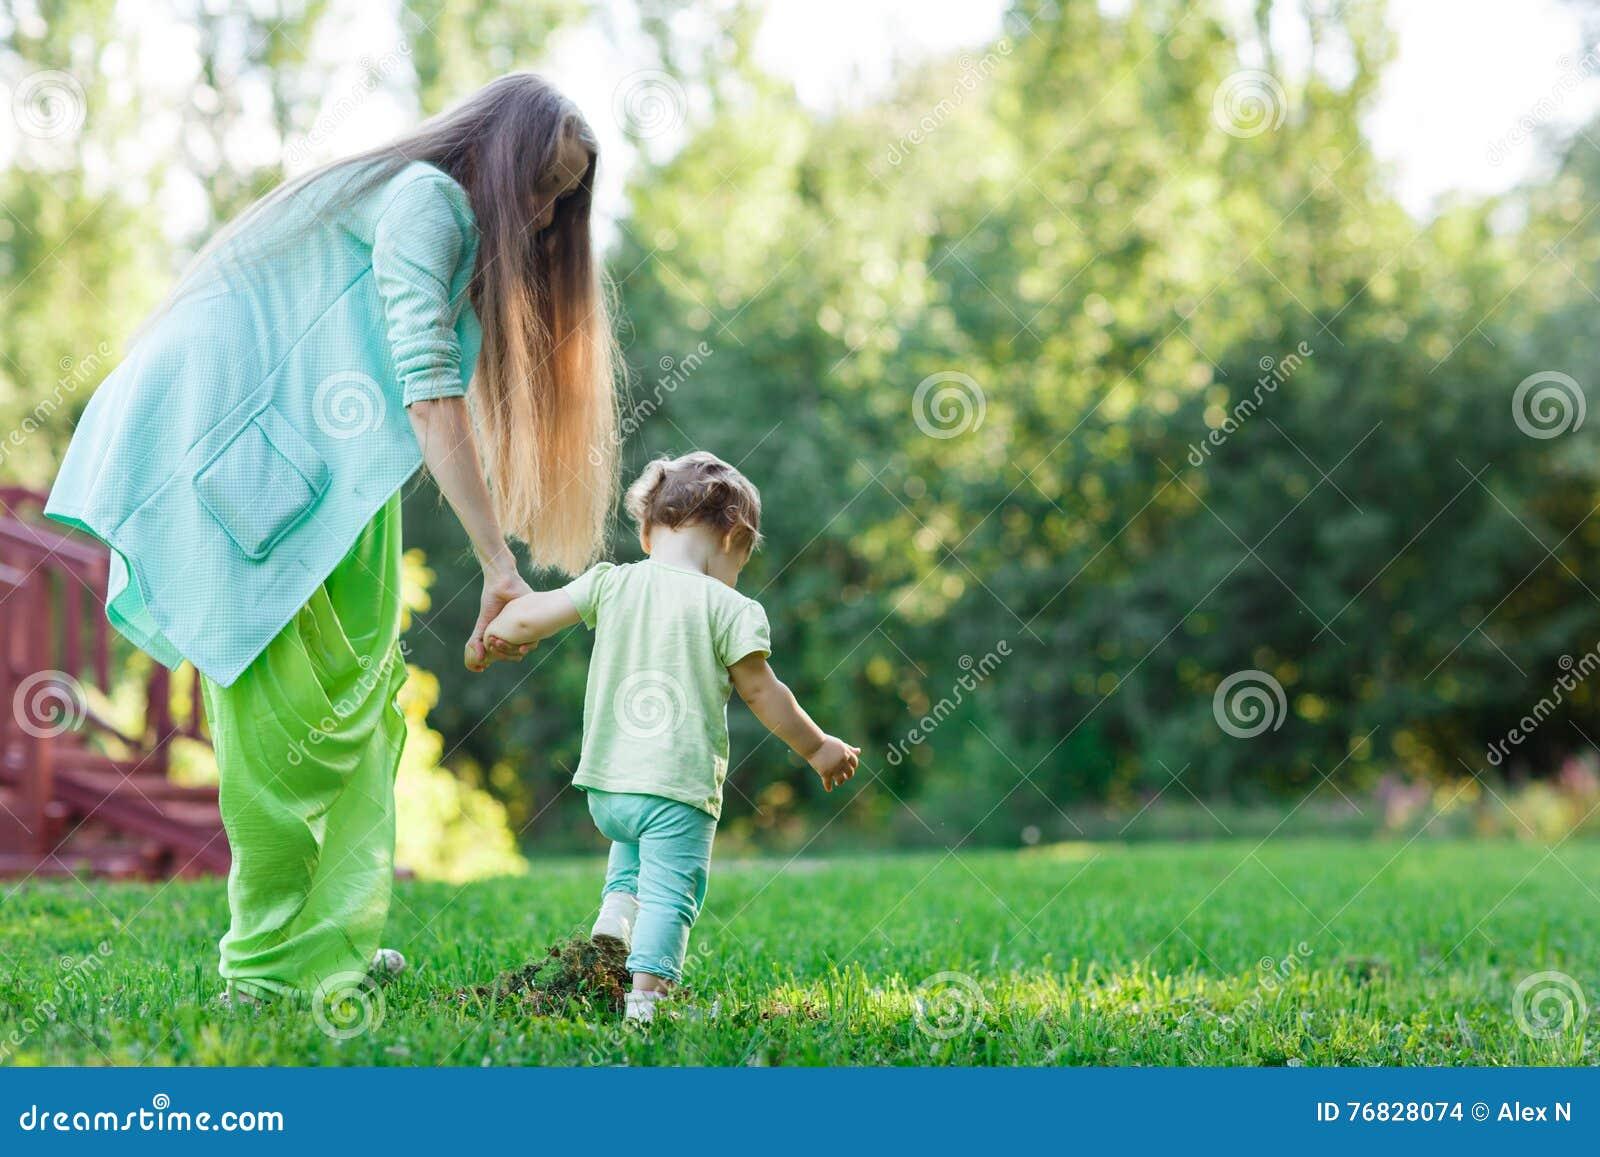 Маленькая девочка с матерью идет на лужайку